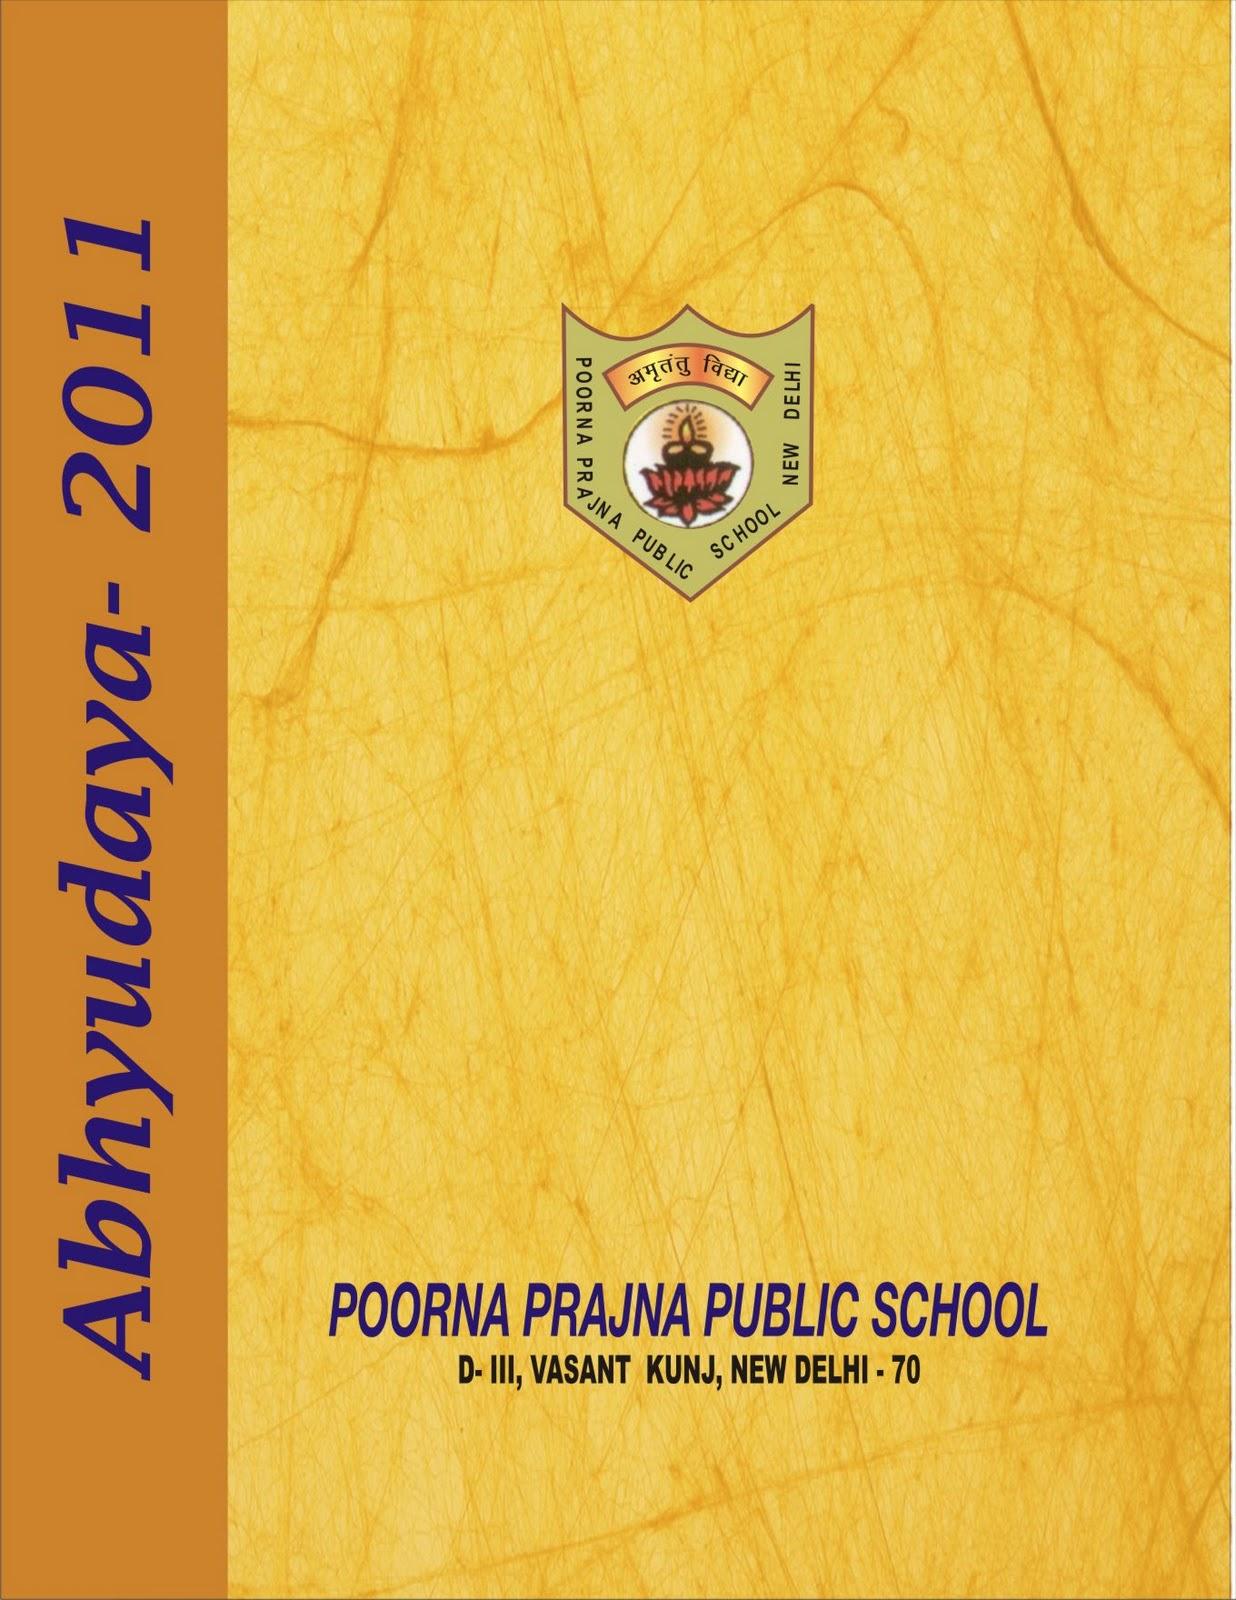 2011 School Magazine Covers Page | Mukesh Kumar Thakur